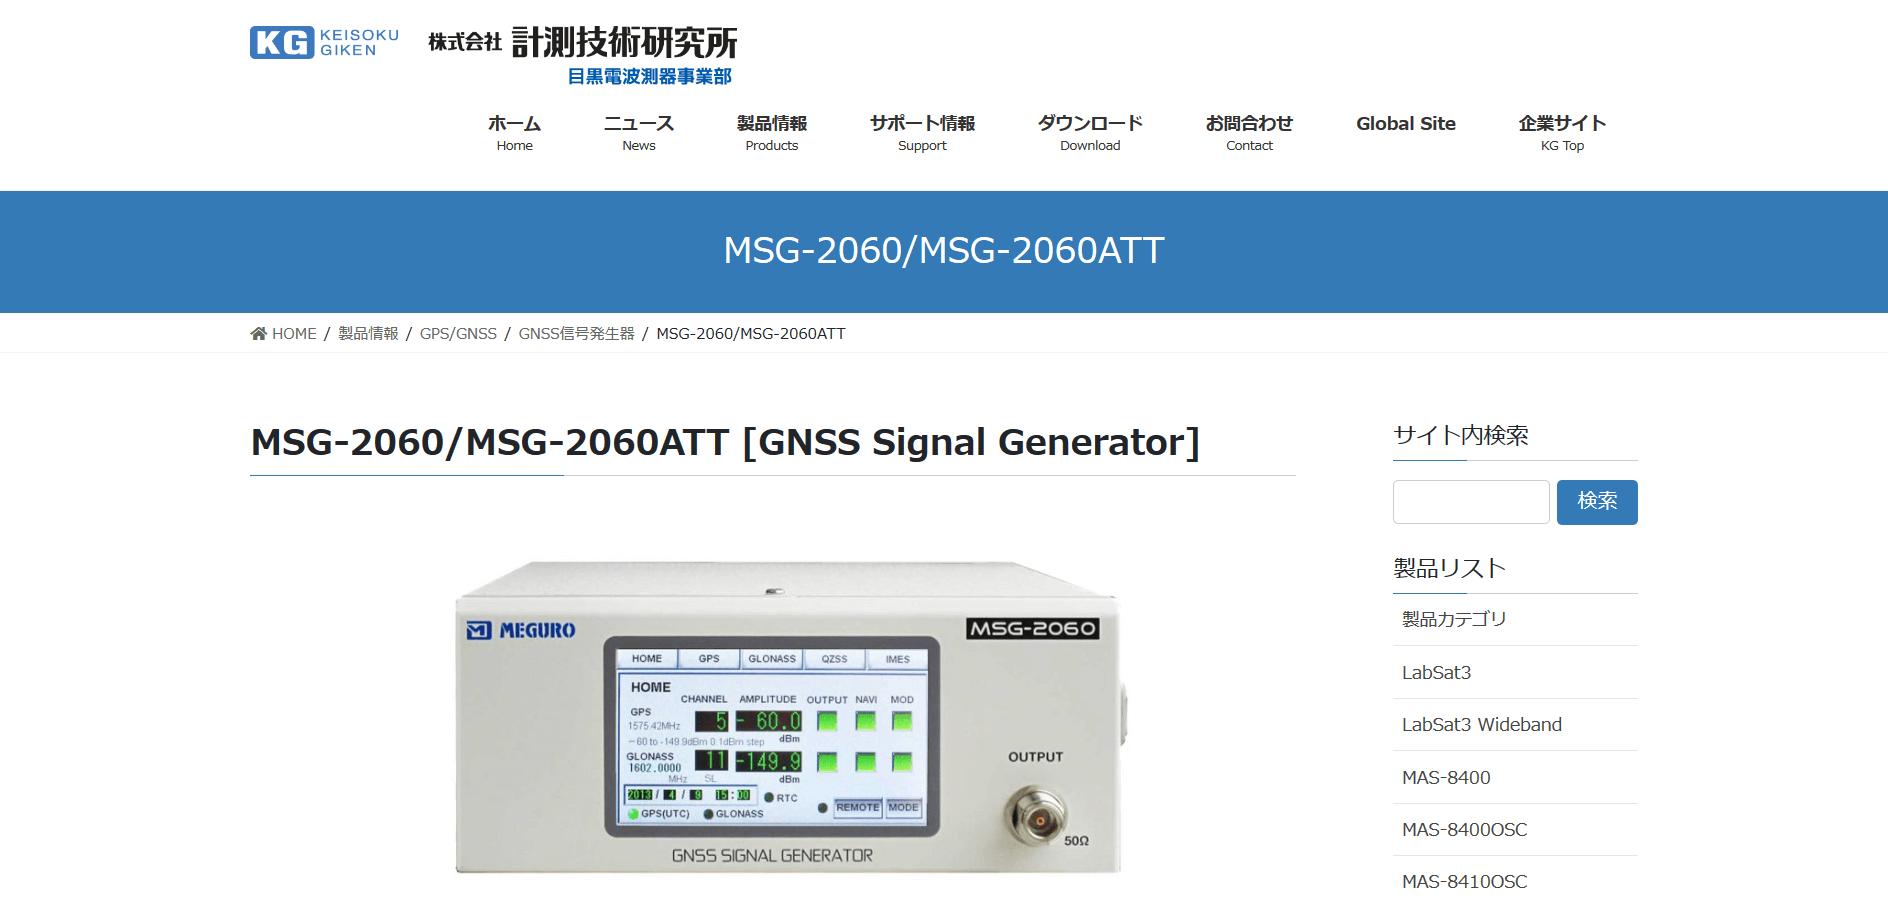 MSG-2060/MSG-2060ATT [GNSS Signal Generator]